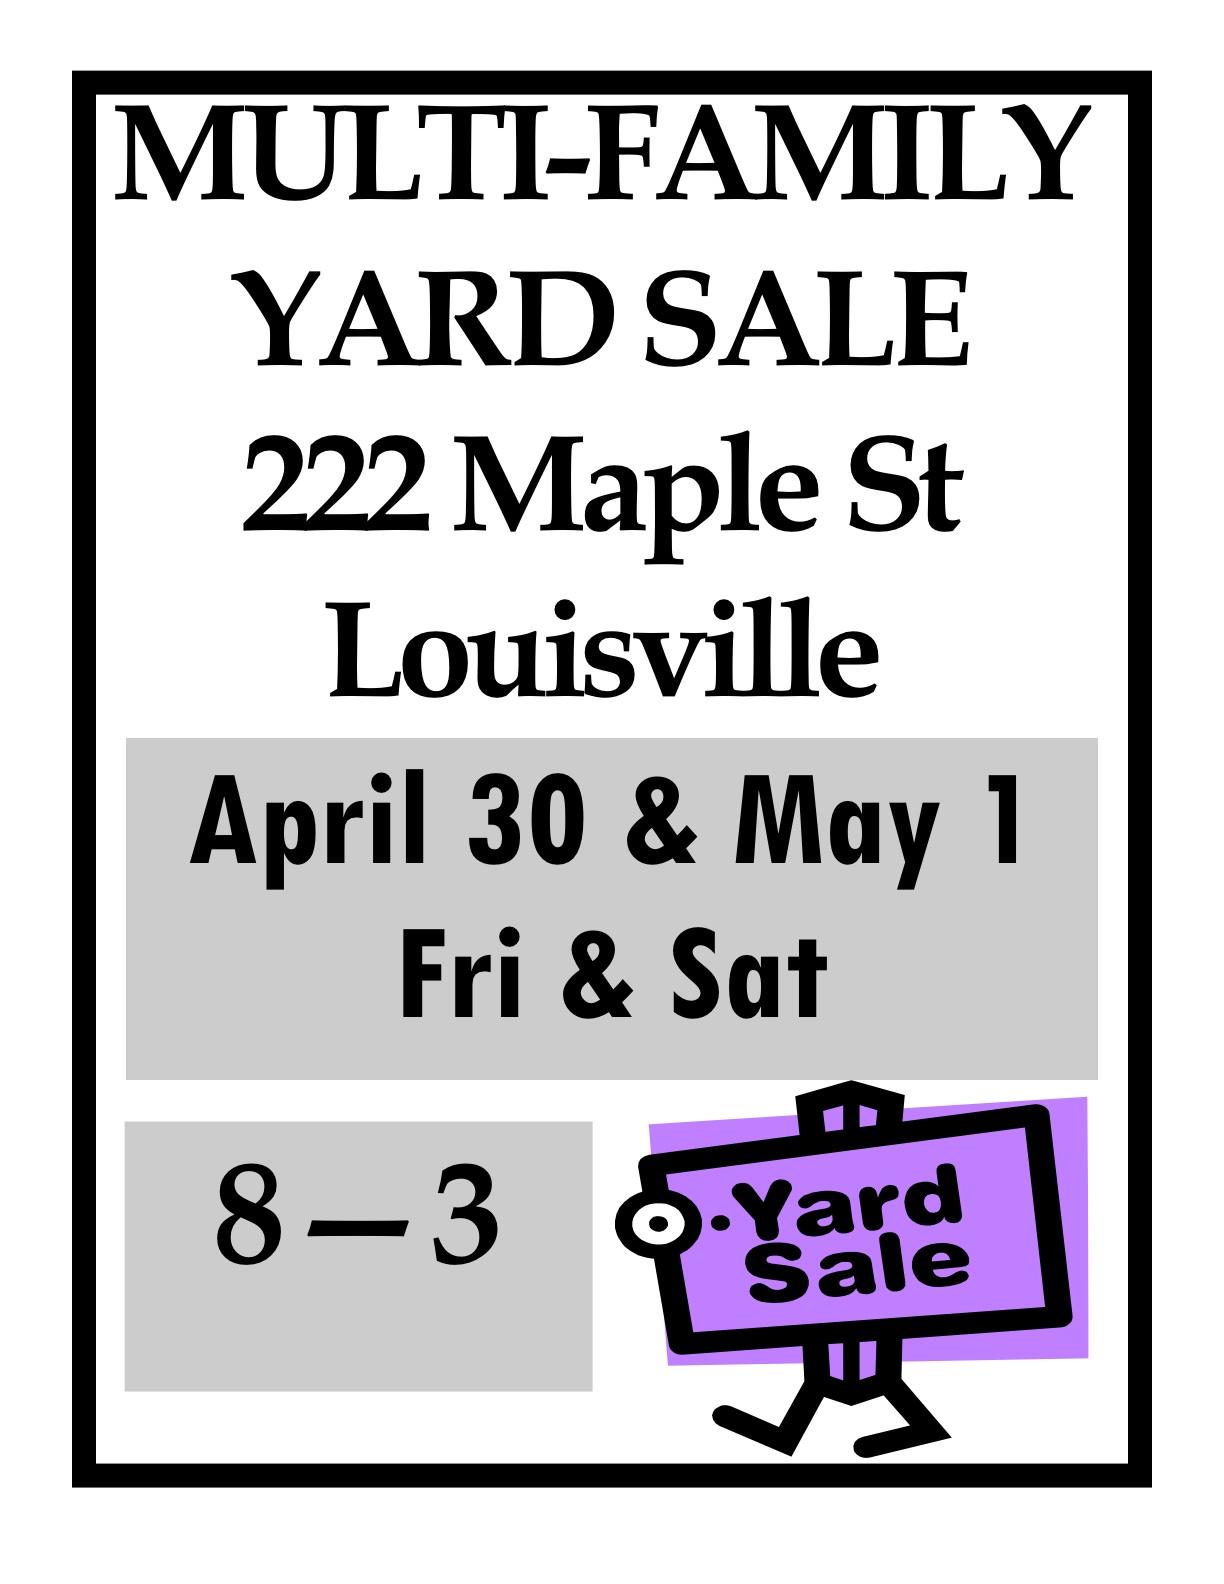 yard_sale-1.jpg